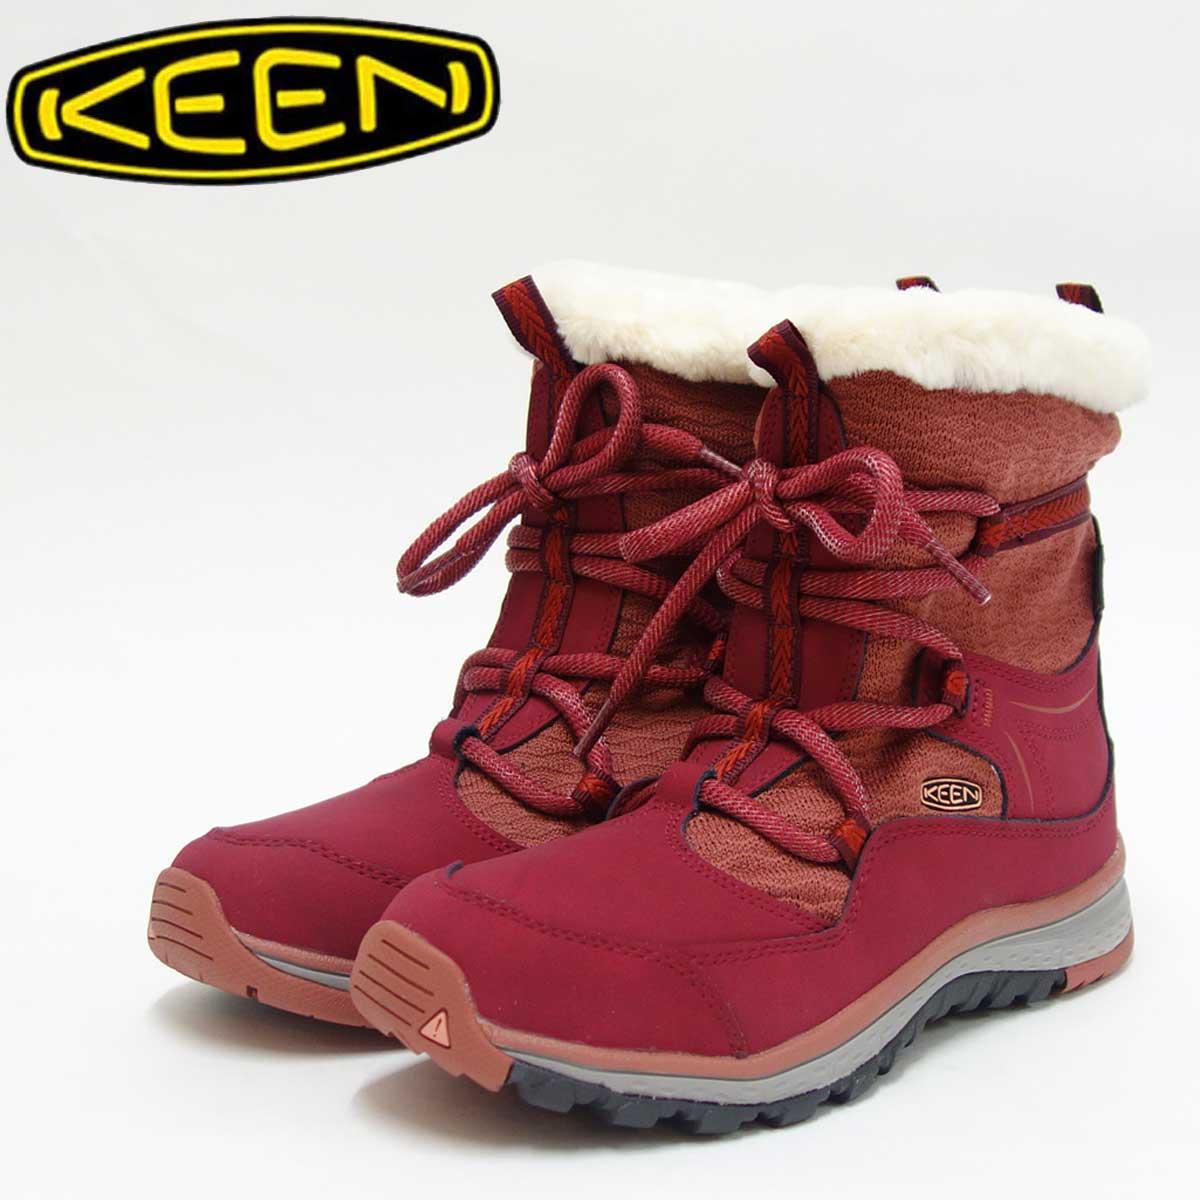 KEEN キーン Terradora Apres WP 1017764 テラドーラ アプレス ウォータープルーフカラー:Rhododendron/Marsala(ウィメンズ)防水仕様、通気性抜群のウィンターブーツ「靴」